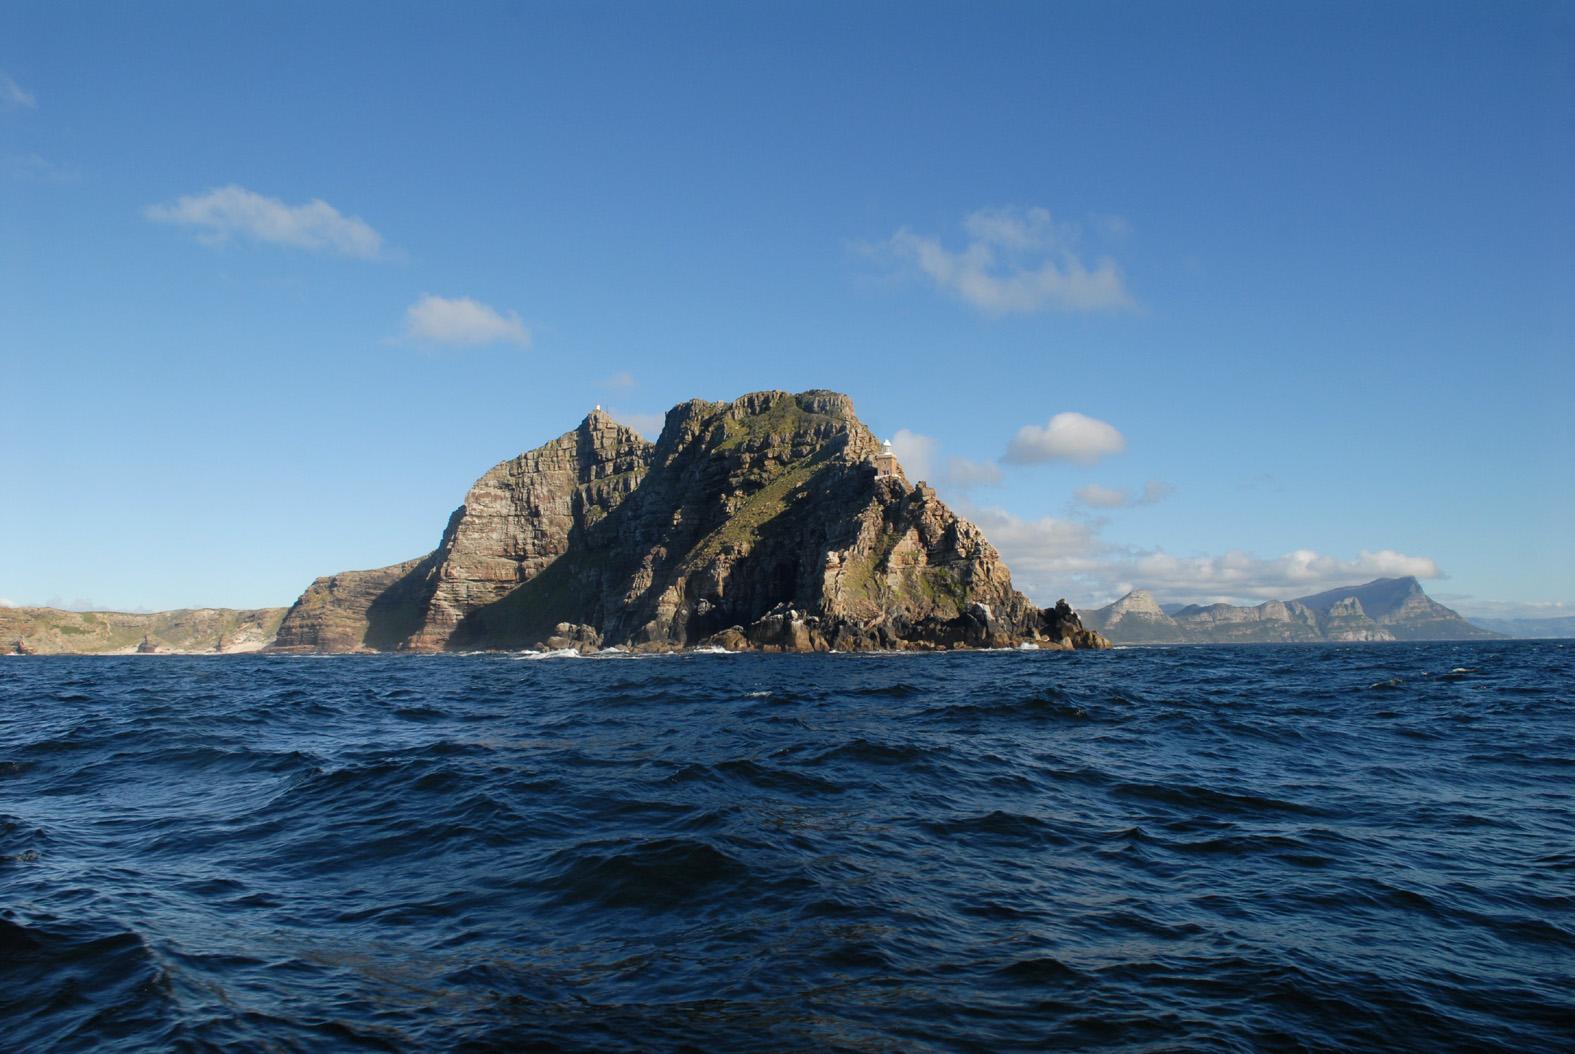 foto: Tom van der Leij | Kaap de Goede Hoop, foto vanaf zee